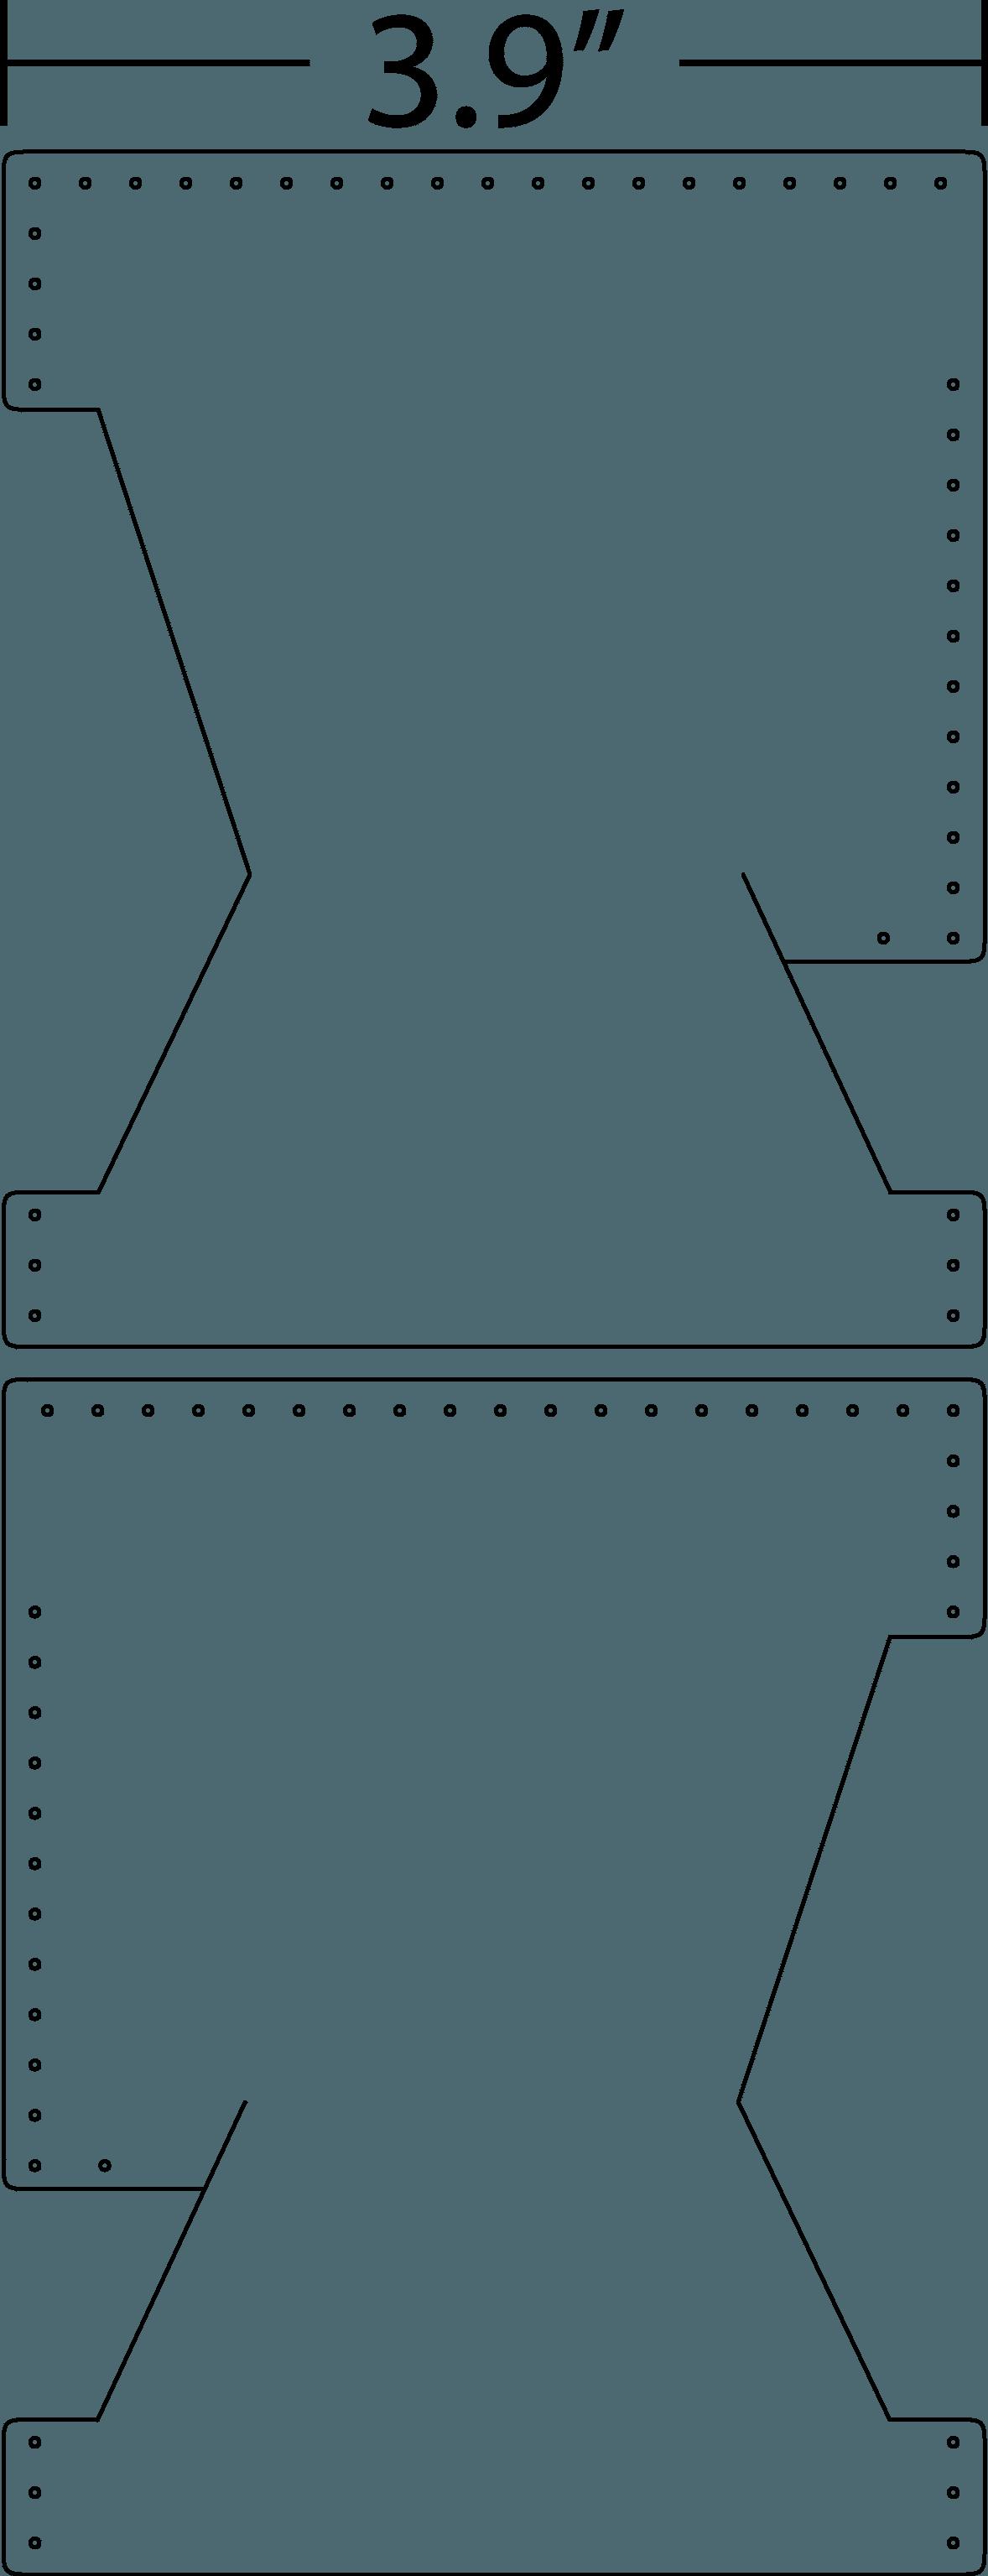 Blueprint images of wallet for front pocket.